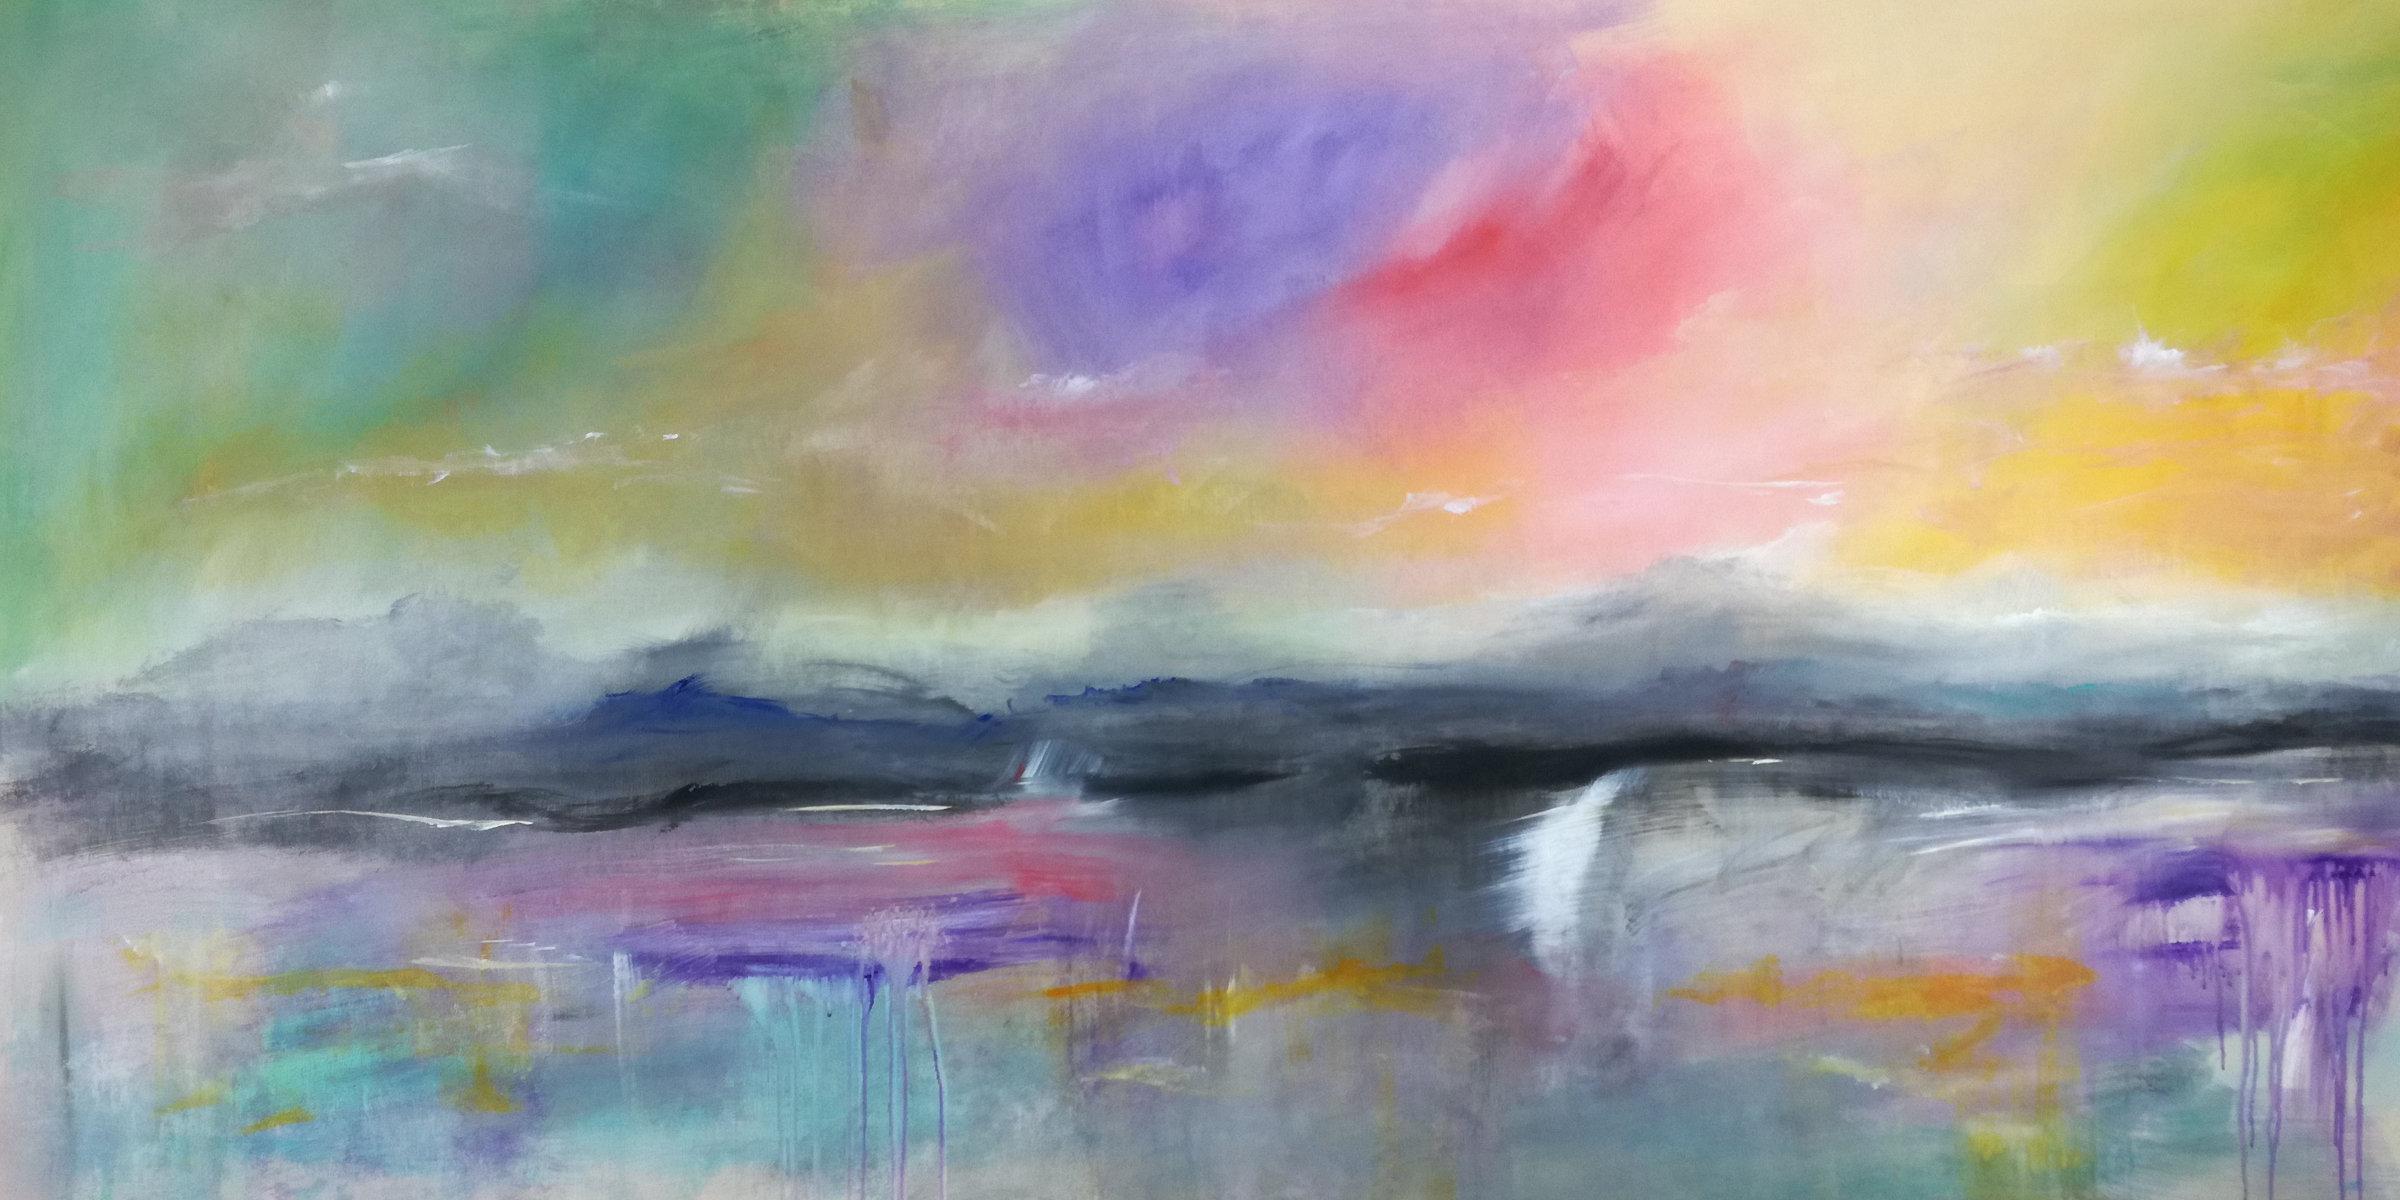 paesaggio-astratto